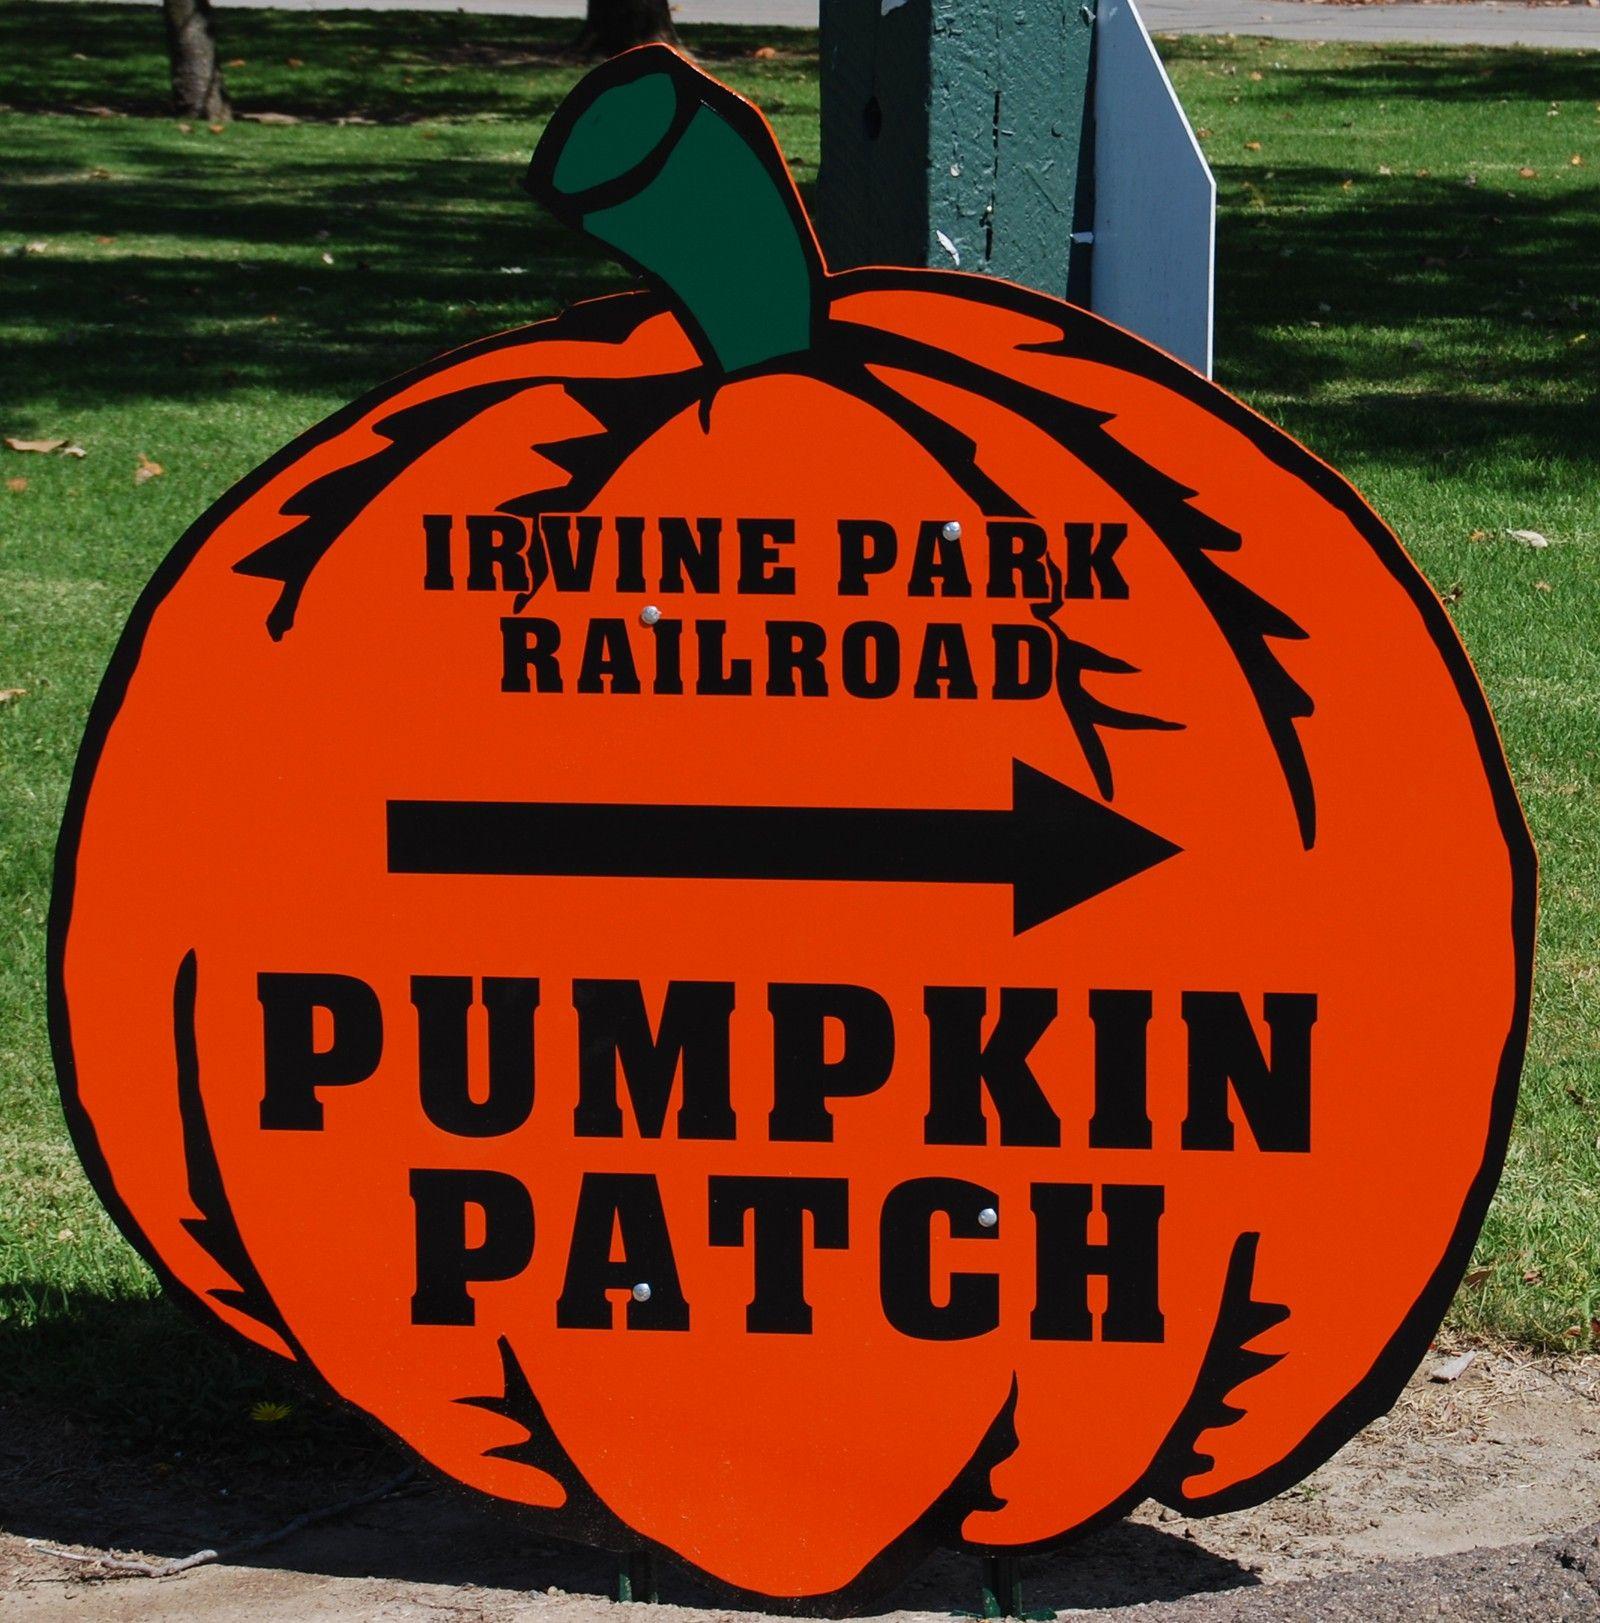 Irvine Park Railroad Pumpkin Patch Activity Tickets Us 9 30 Pumpkin Patch Activities Pumpkin Patch Irvine Park